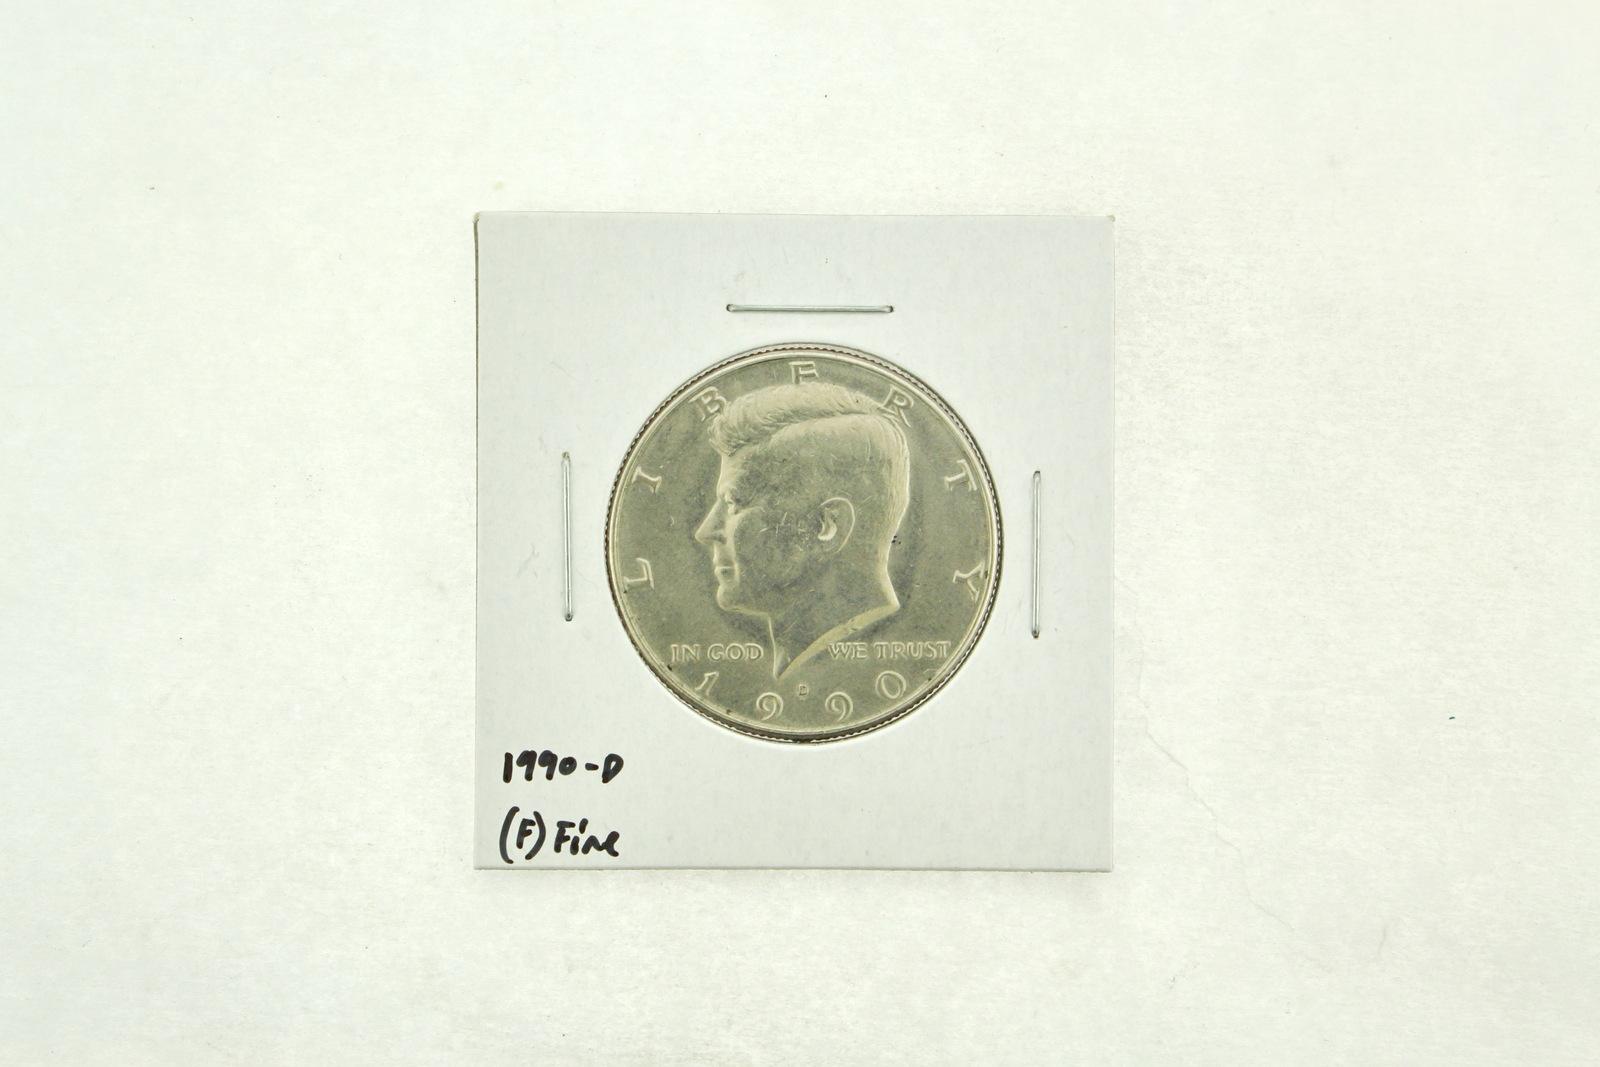 1990-D Kennedy Half Dollar (F) Fine N2-3833-10